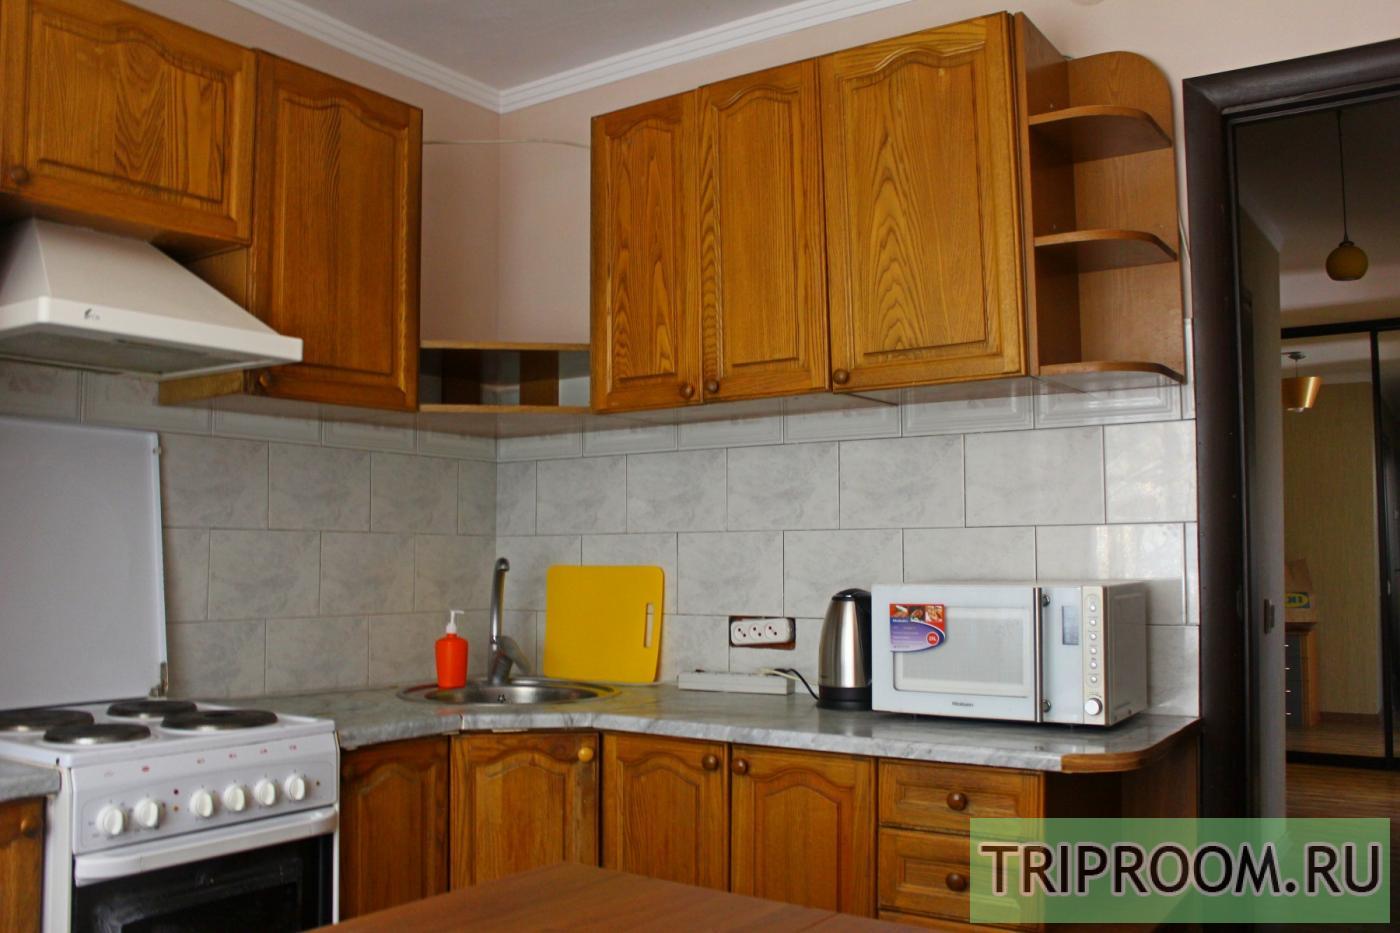 2-комнатная квартира посуточно (вариант № 35123), ул. Красина улица, фото № 9